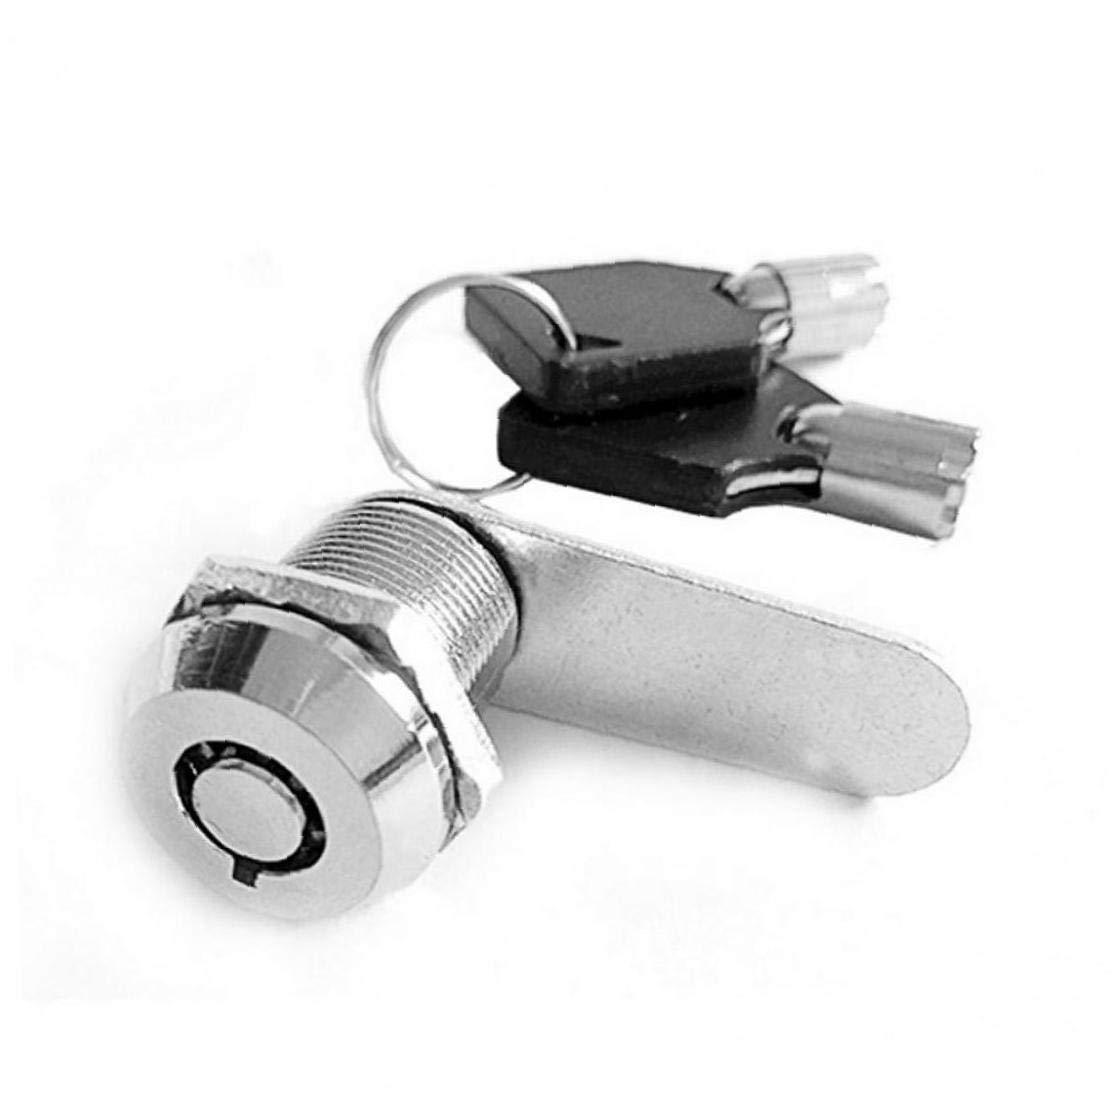 PC 1 20mm Buz/ón cerraduras Portable Pr/áctico caj/ón del Armario Armario de Seguridad Cerraduras de Muebles Mango de pl/ástico